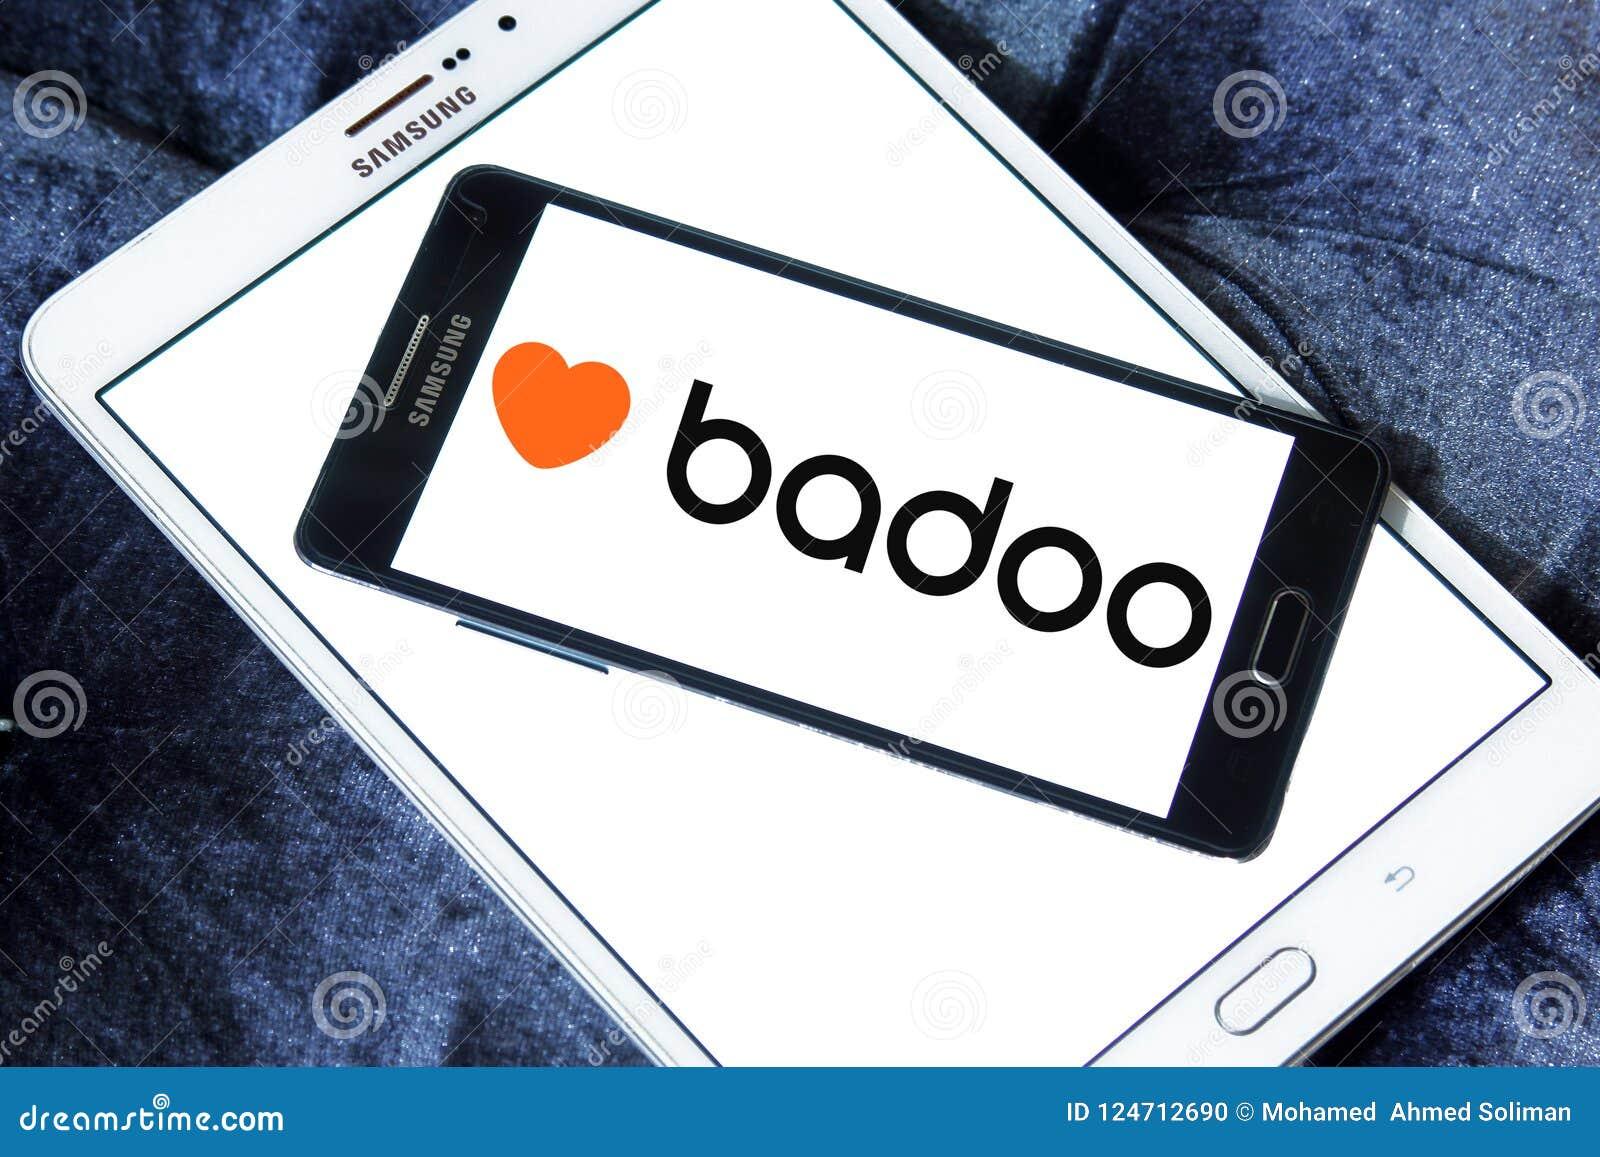 Badoo hookup